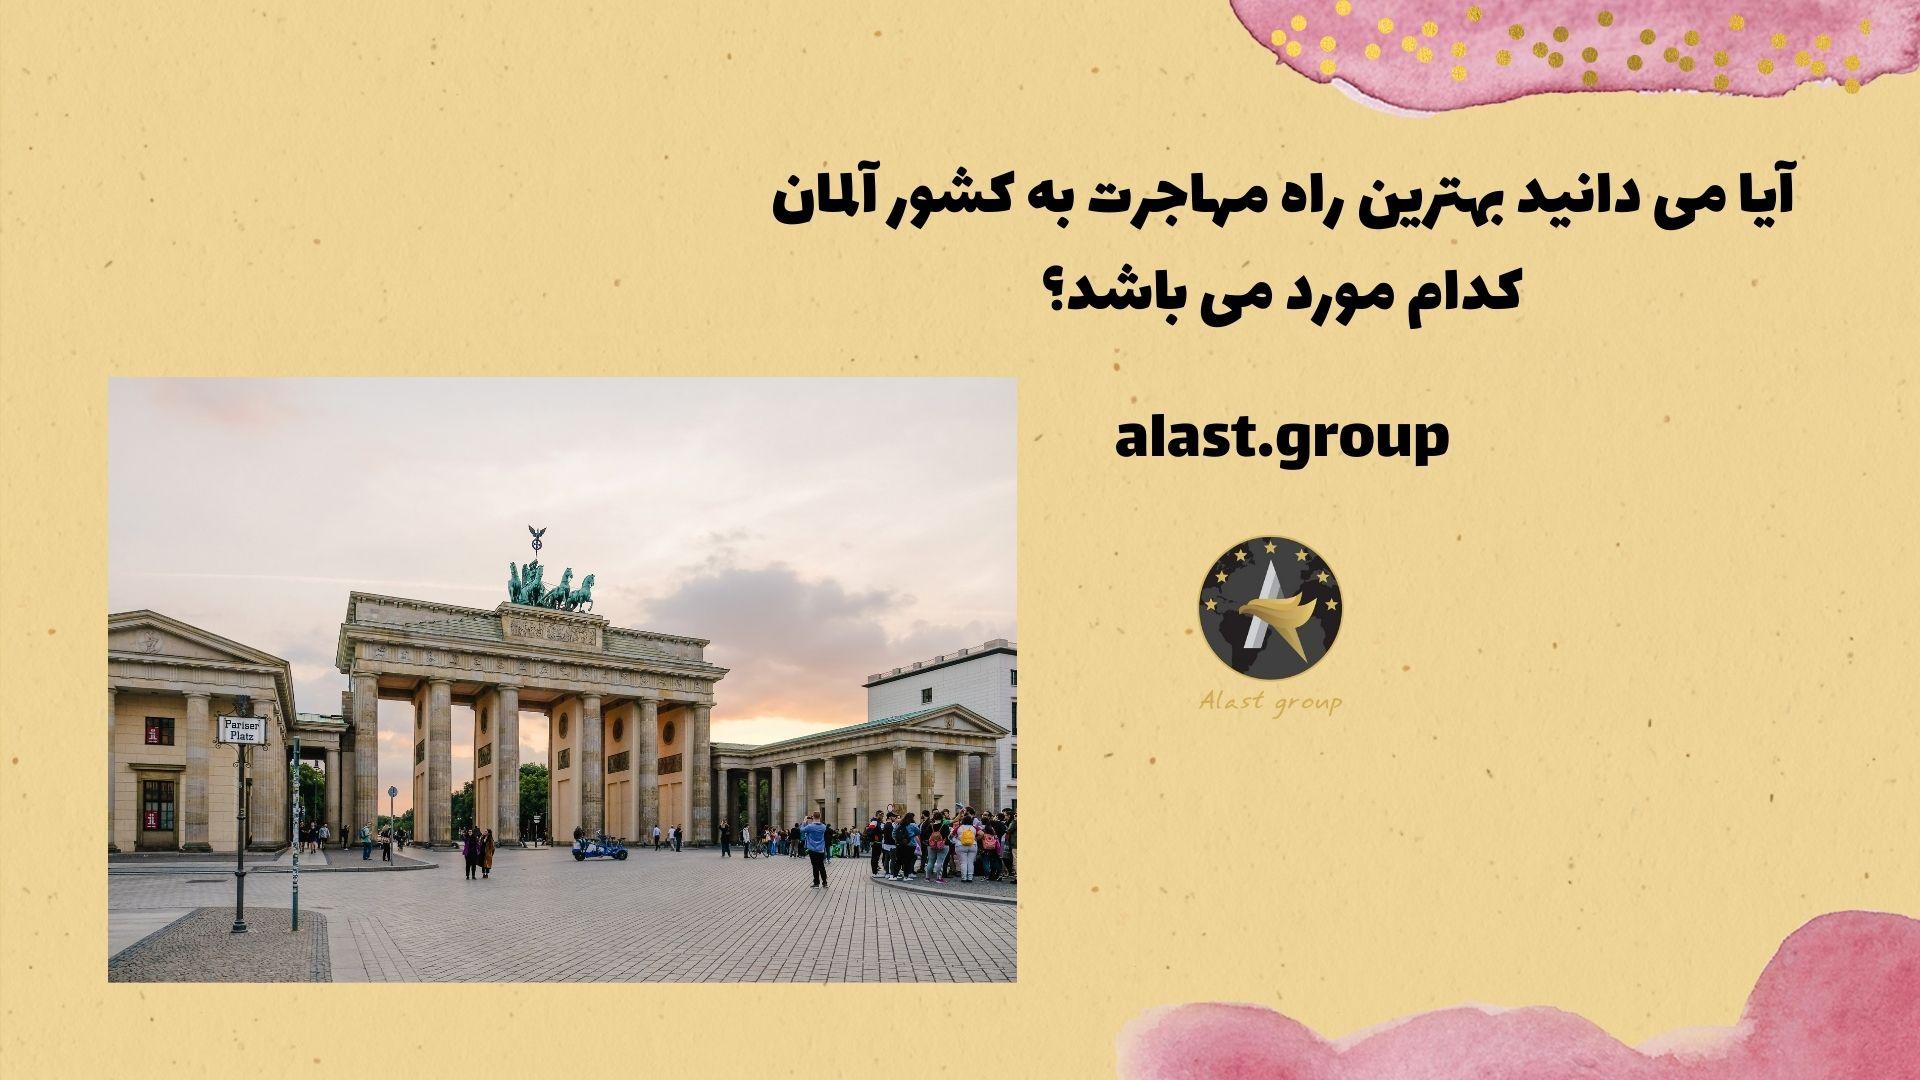 آیا می دانید که بهترین راه مهاجرت به کشور آلمان کدام مورد می باشد؟